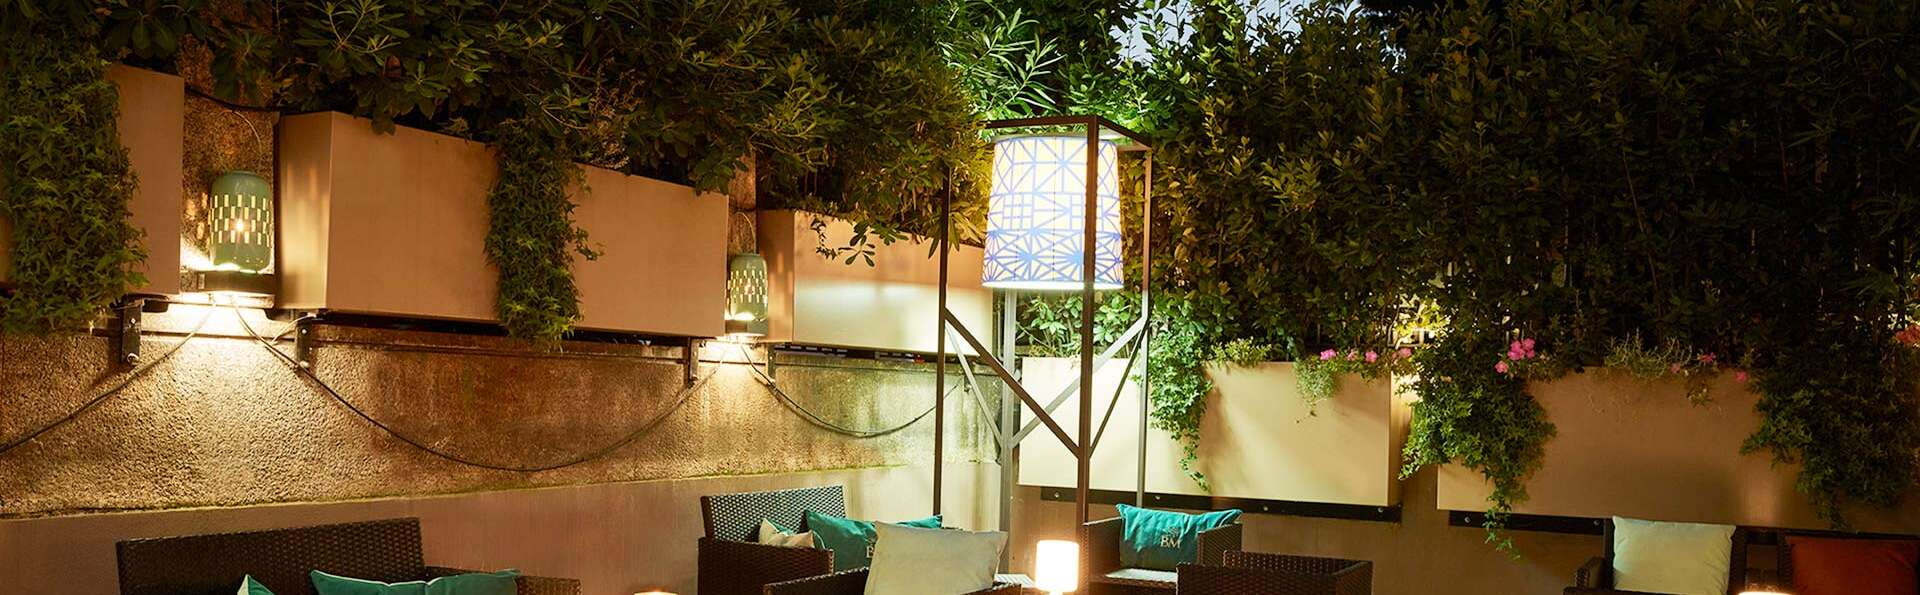 Passez la nuit à Milan dans un lieu parfait pour les loisirs et les affaires !